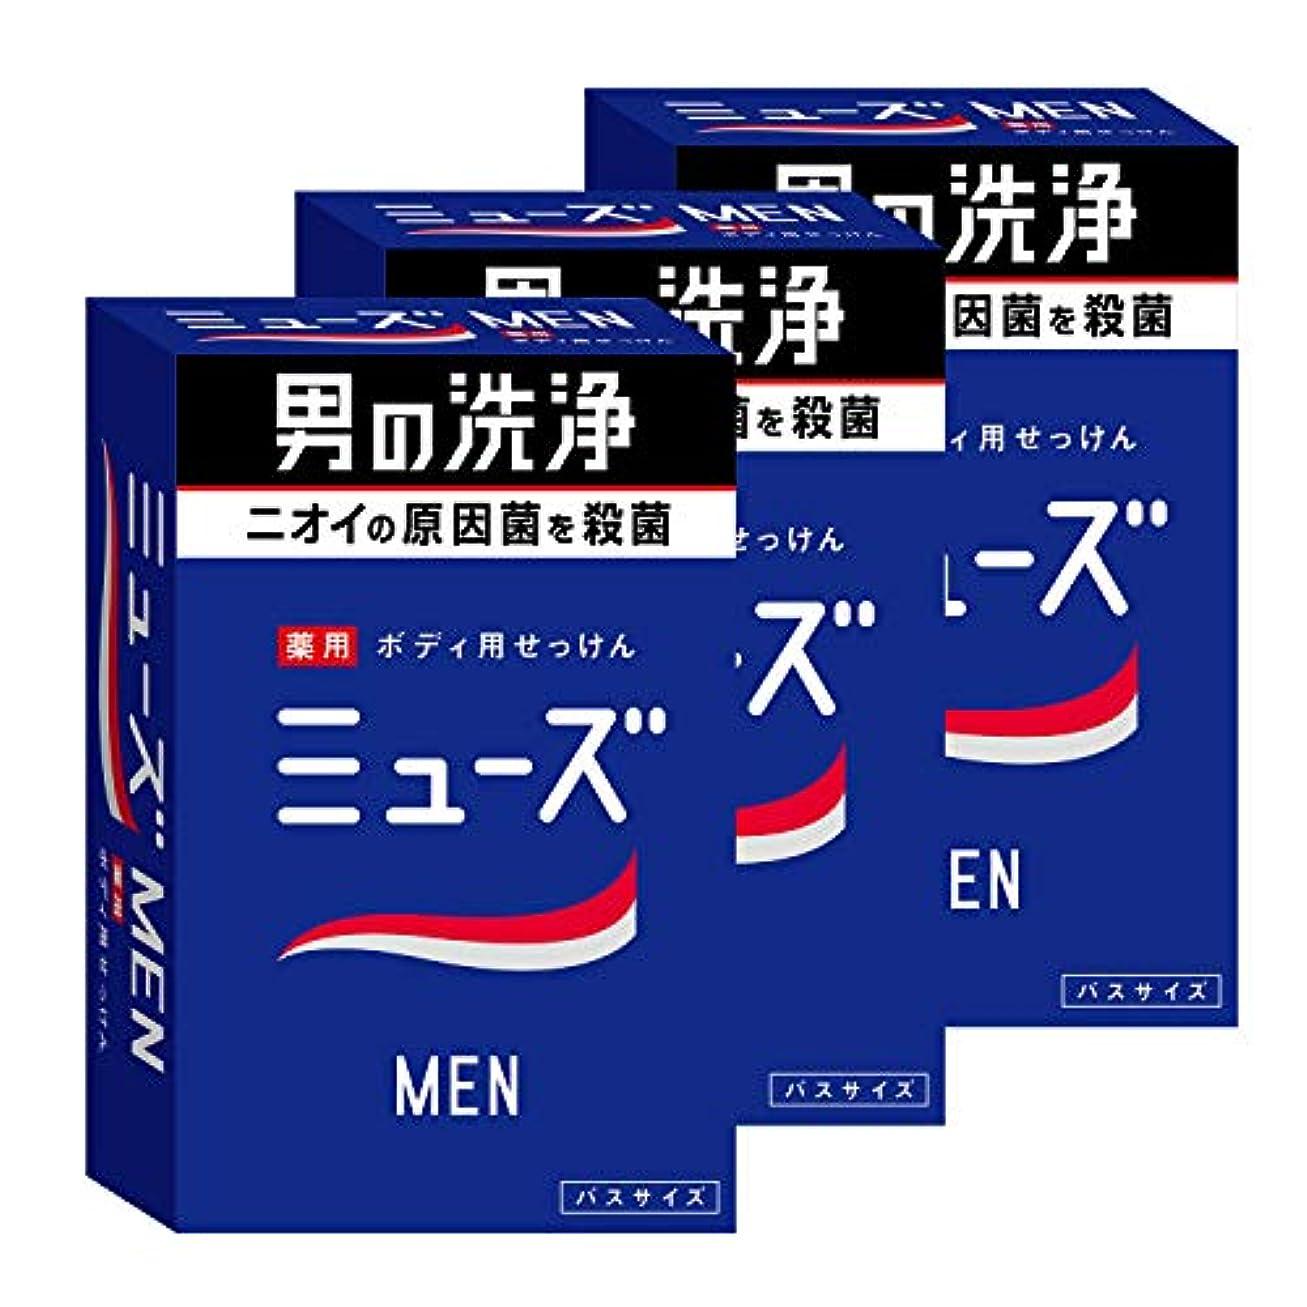 軍艦マークダウン川【医薬部外品】ミューズメン ボディ用 石鹸 135g ×3個 消臭